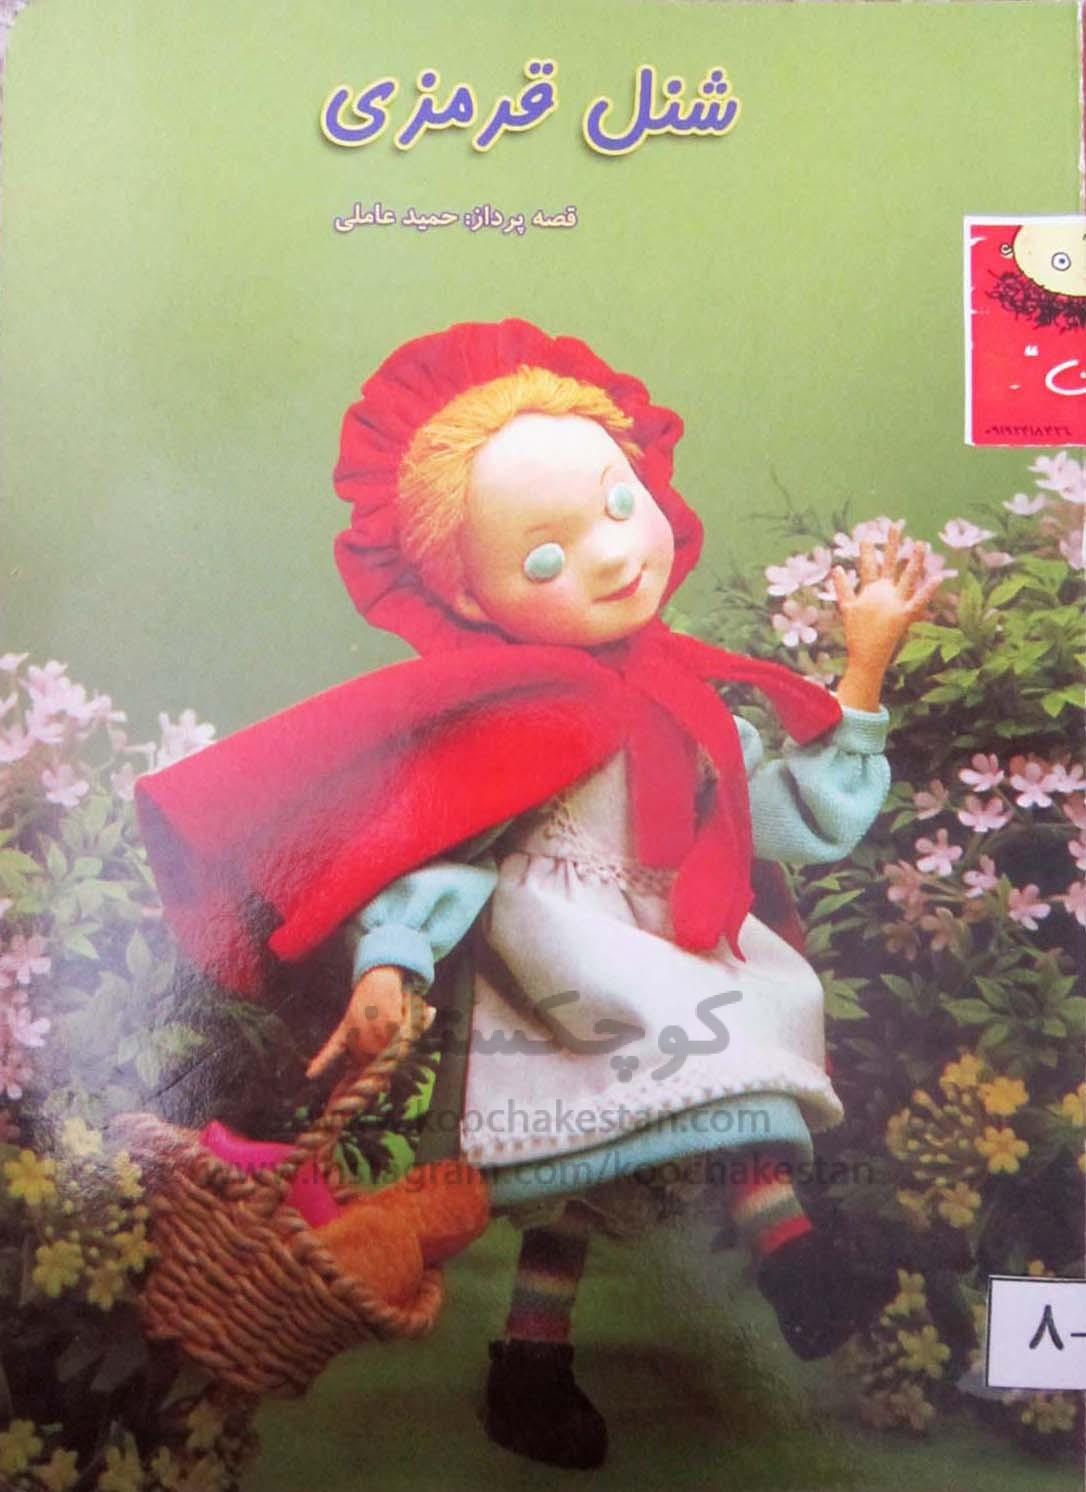 شنل قرمزی - کتابخانه کودک - کوچکستان